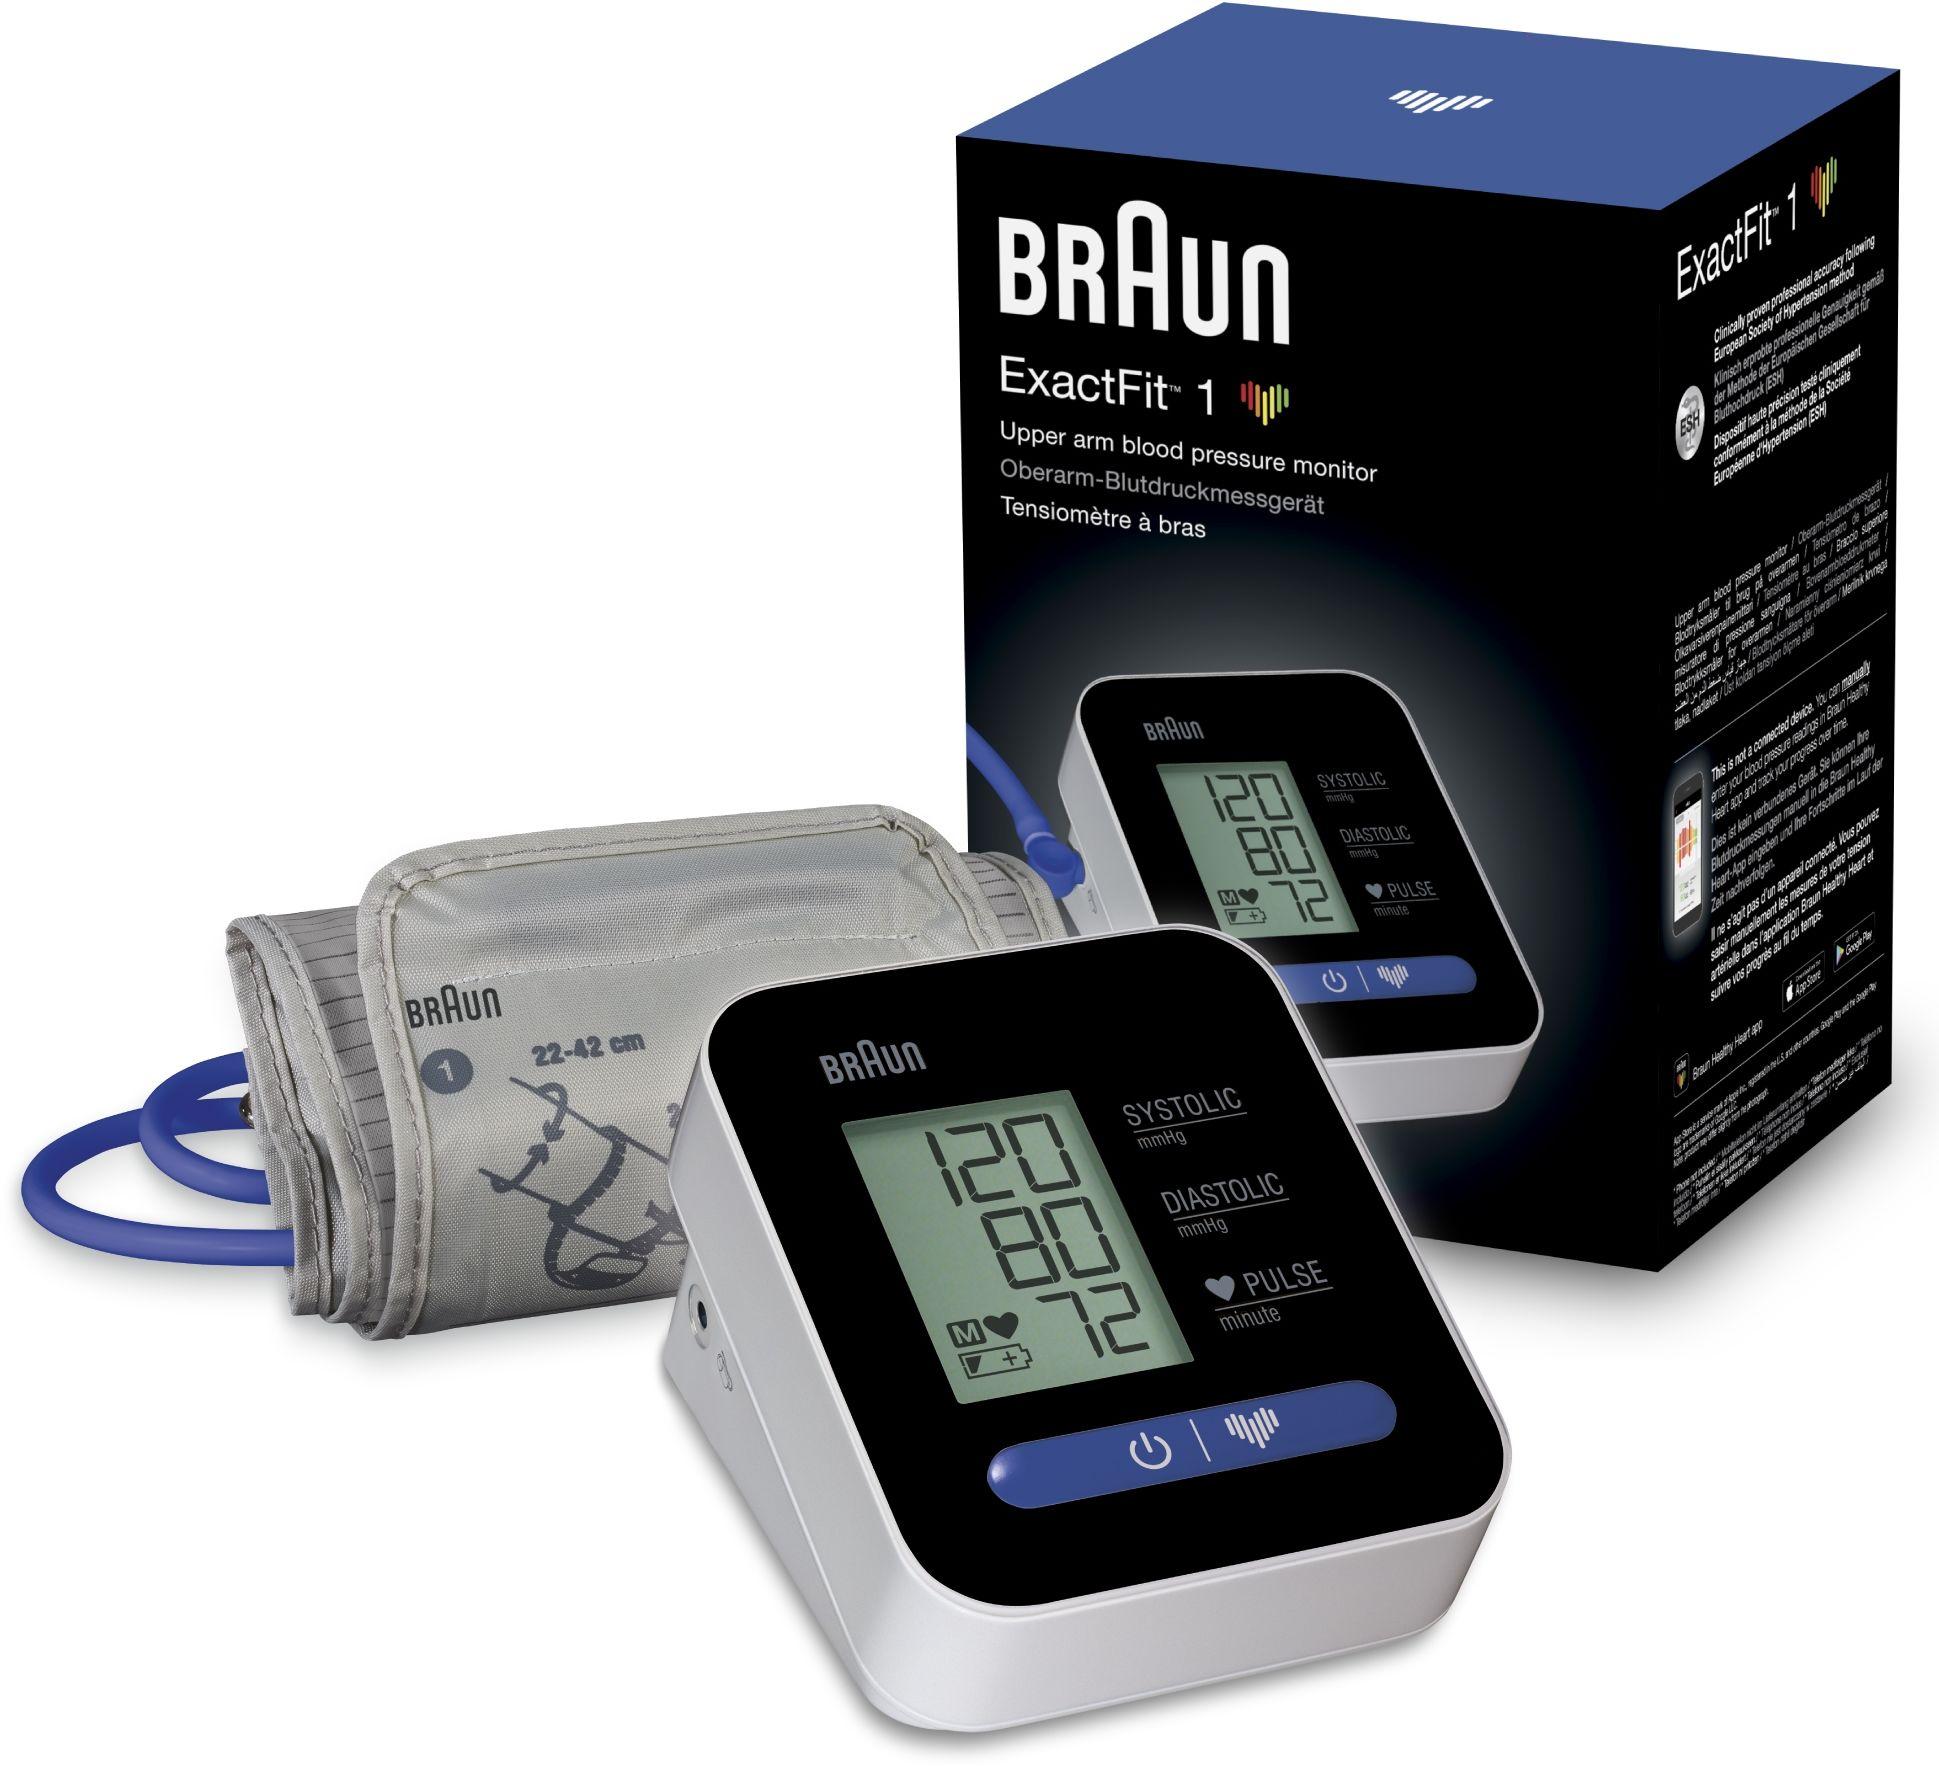 Braun ExactFit 1 BUA 5000 Łatwy w obsłudze, precyzyjny ciśnieniomierz